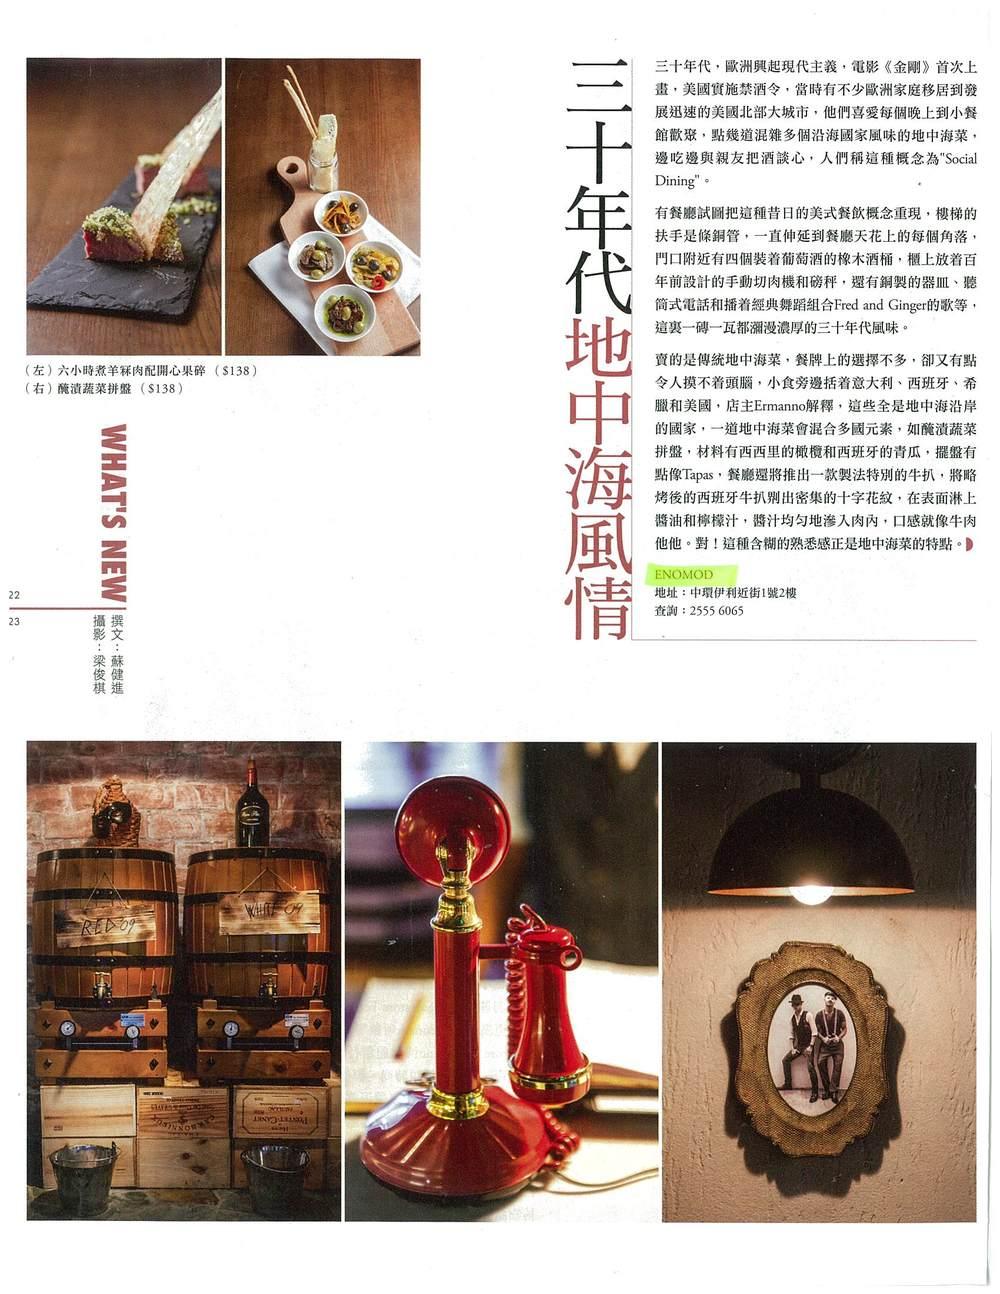 ENOMOD - 04 05 - Ming Pao Weely (P22).jpg